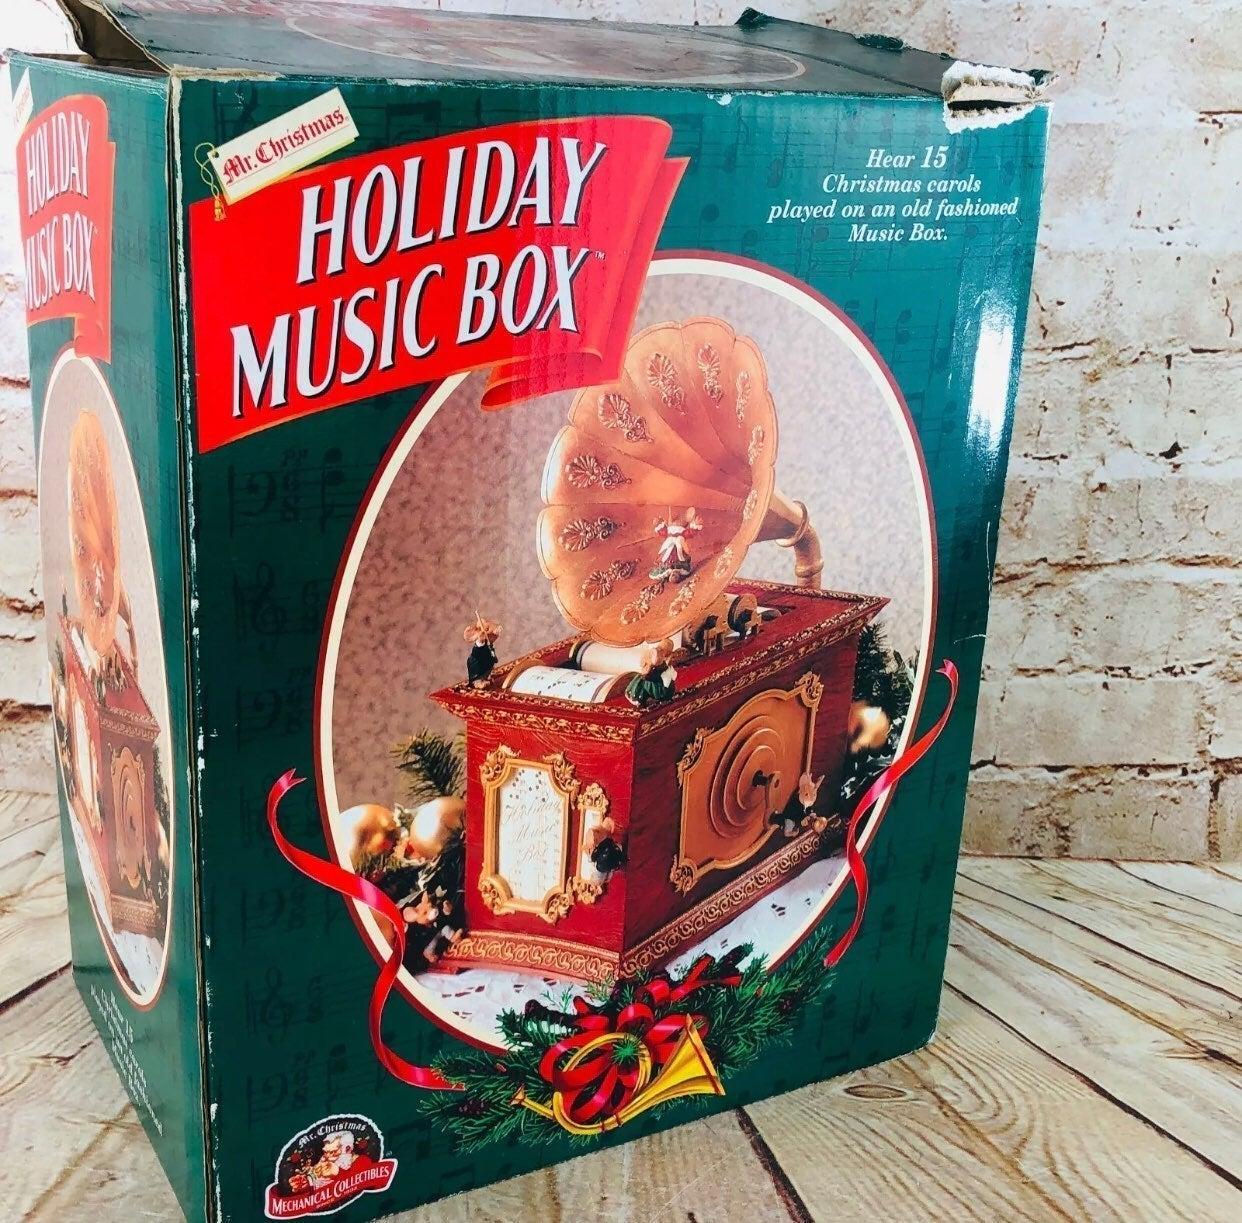 MR. CHRISTMAS ANIMATED HOLIDAY MUSIC BOX